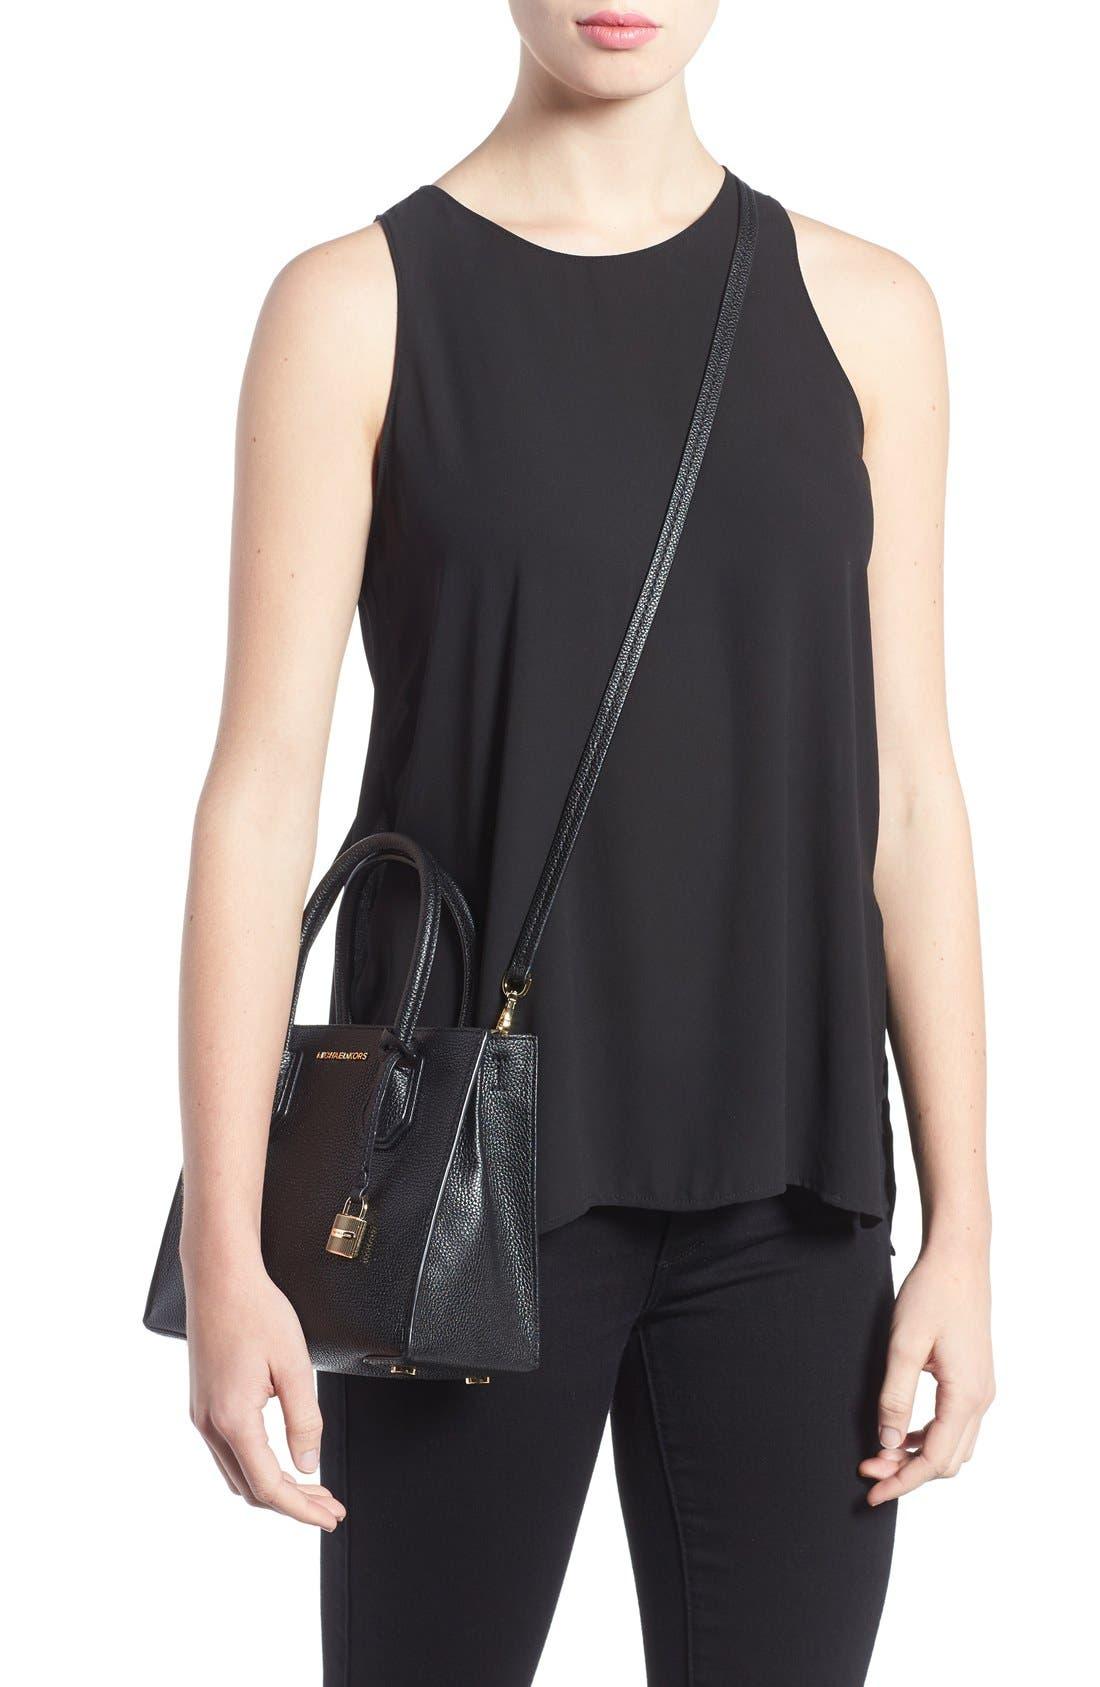 Mercer Leather Crossbody Bag,                             Alternate thumbnail 2, color,                             Black/ Gold